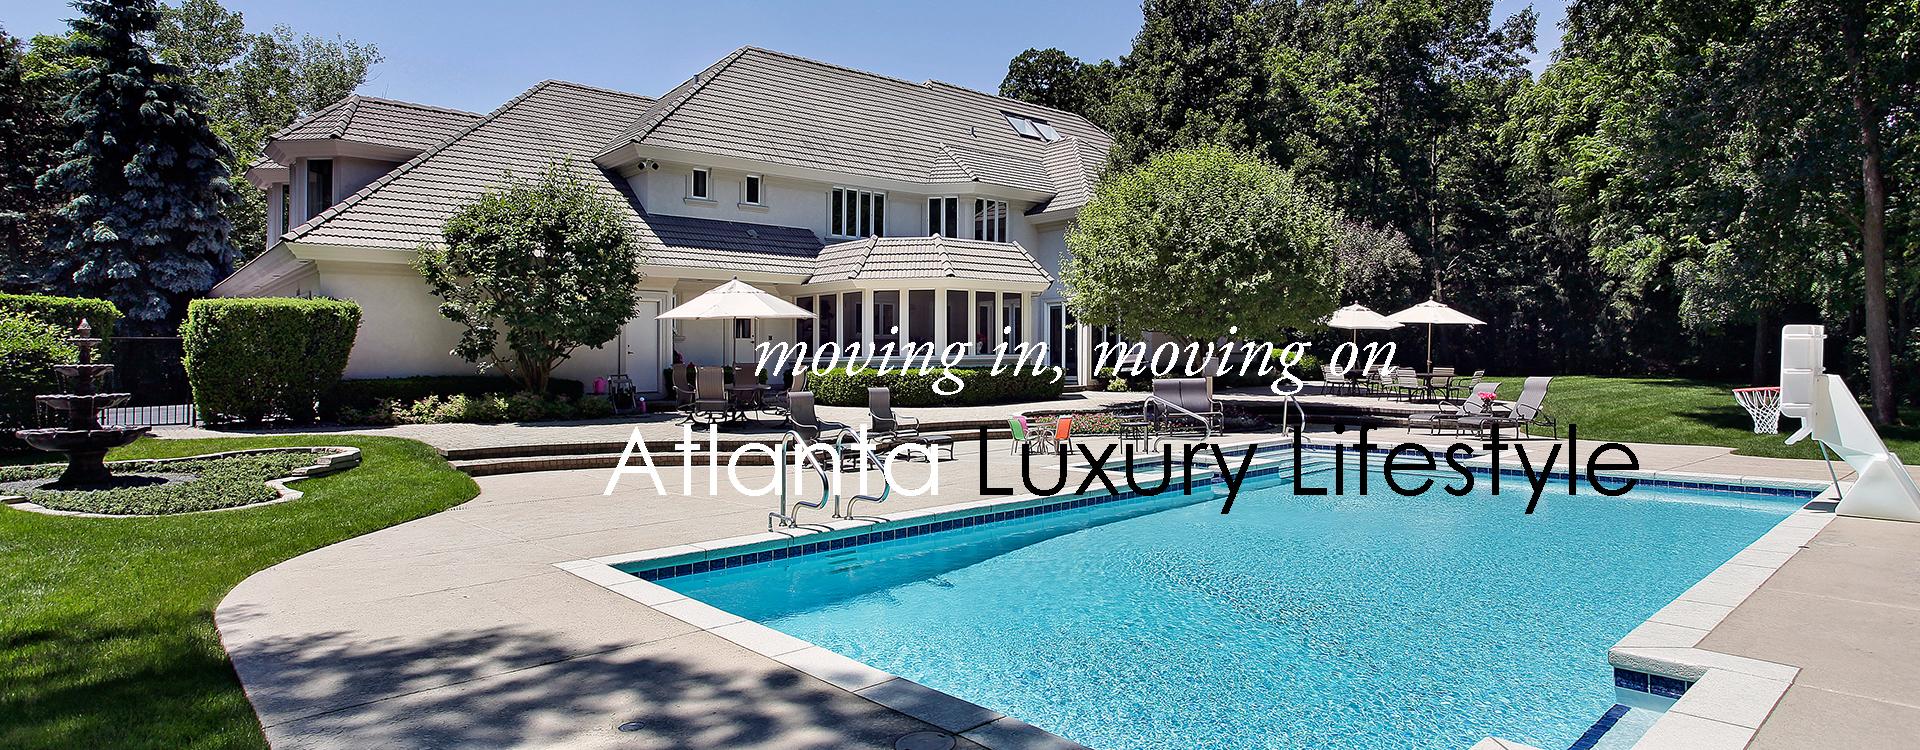 Luxury Lifestyle Neighborhoods - The Jeff Buffo Team